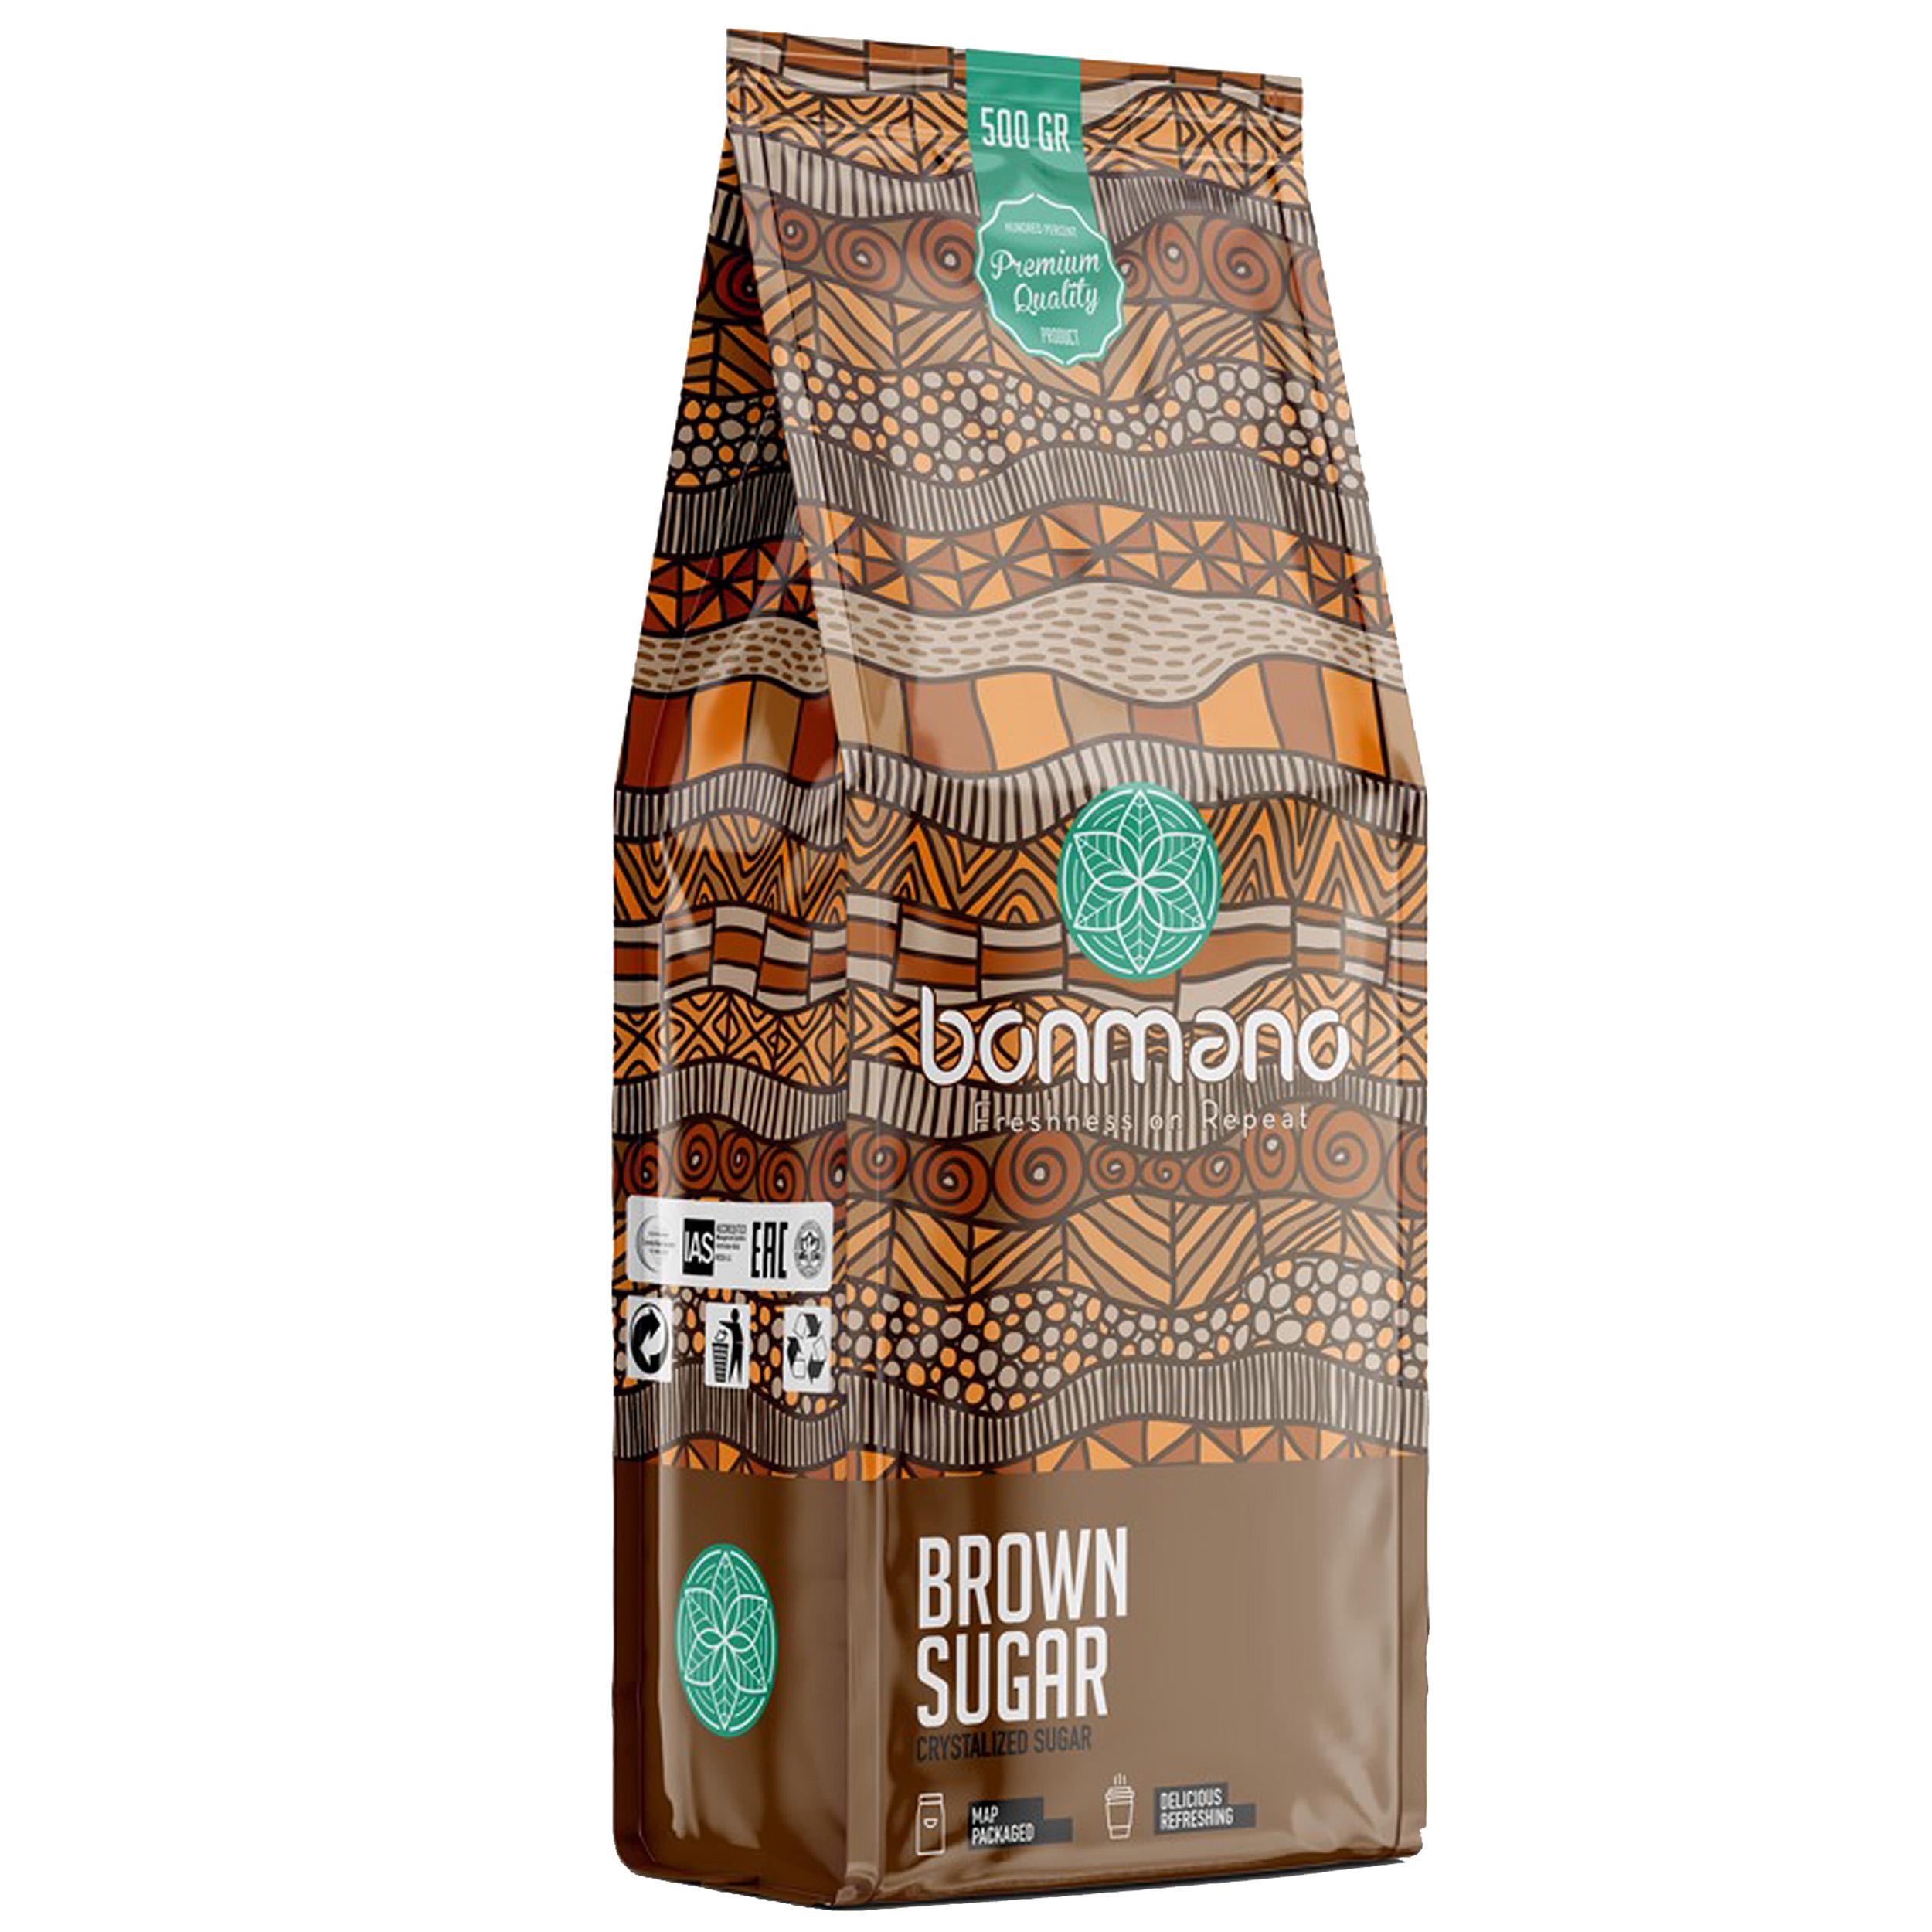 شکر قهوه ای بن مانو مقدار ۵۰۰ گرم